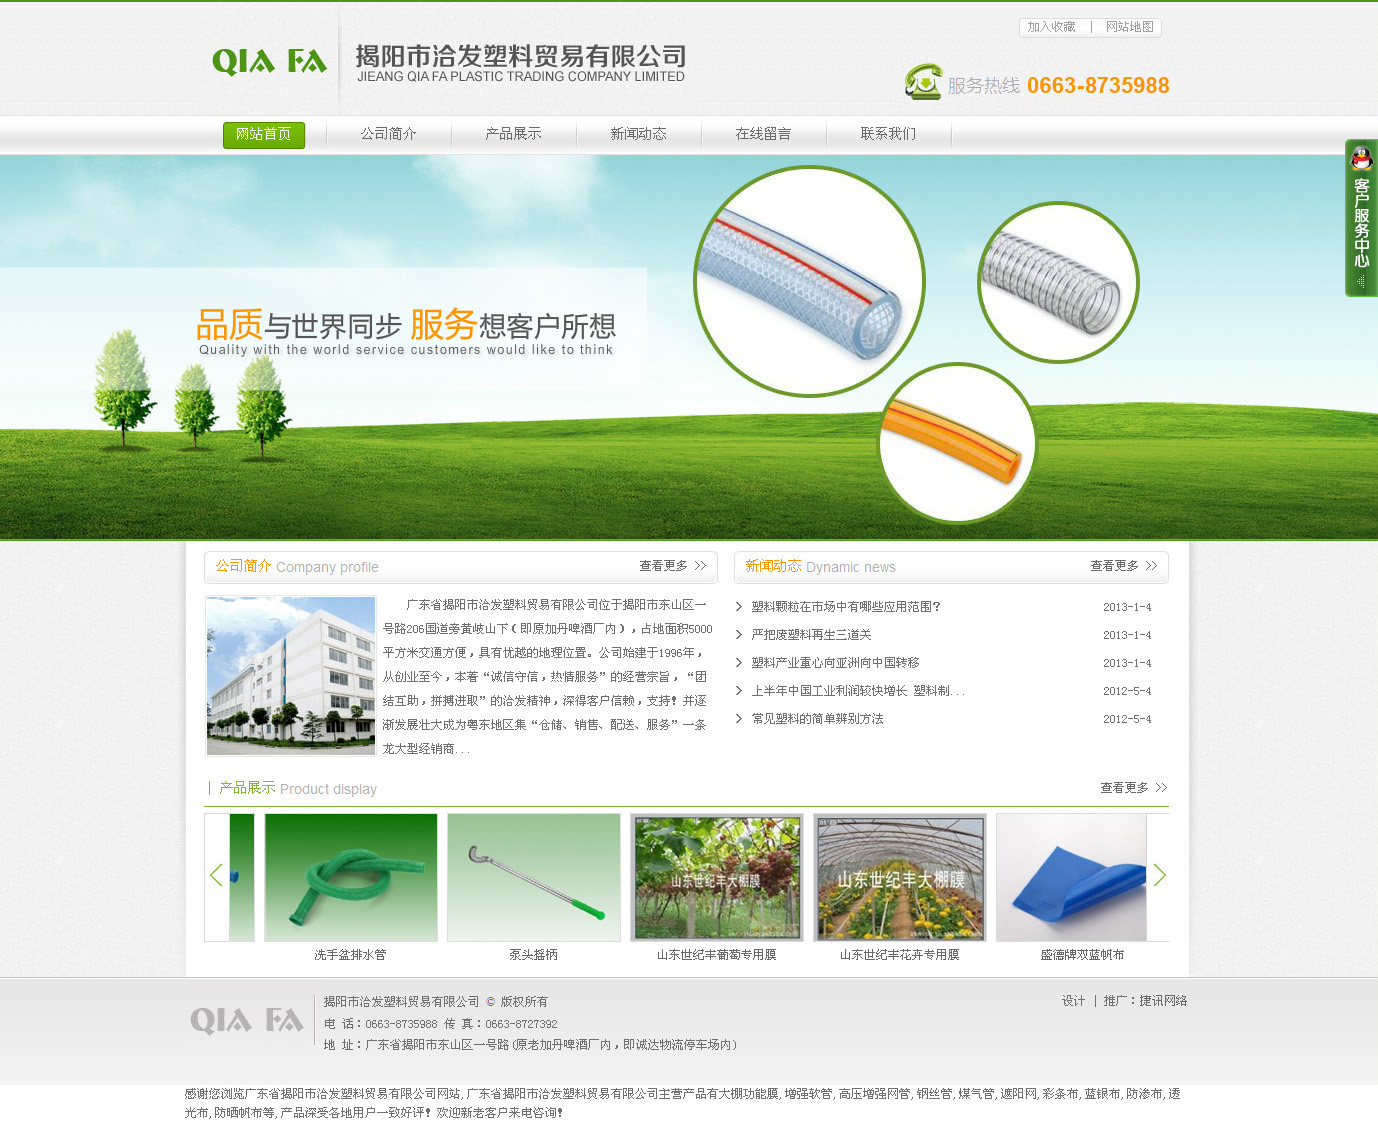 揭阳市洽发塑料贸易有限公司